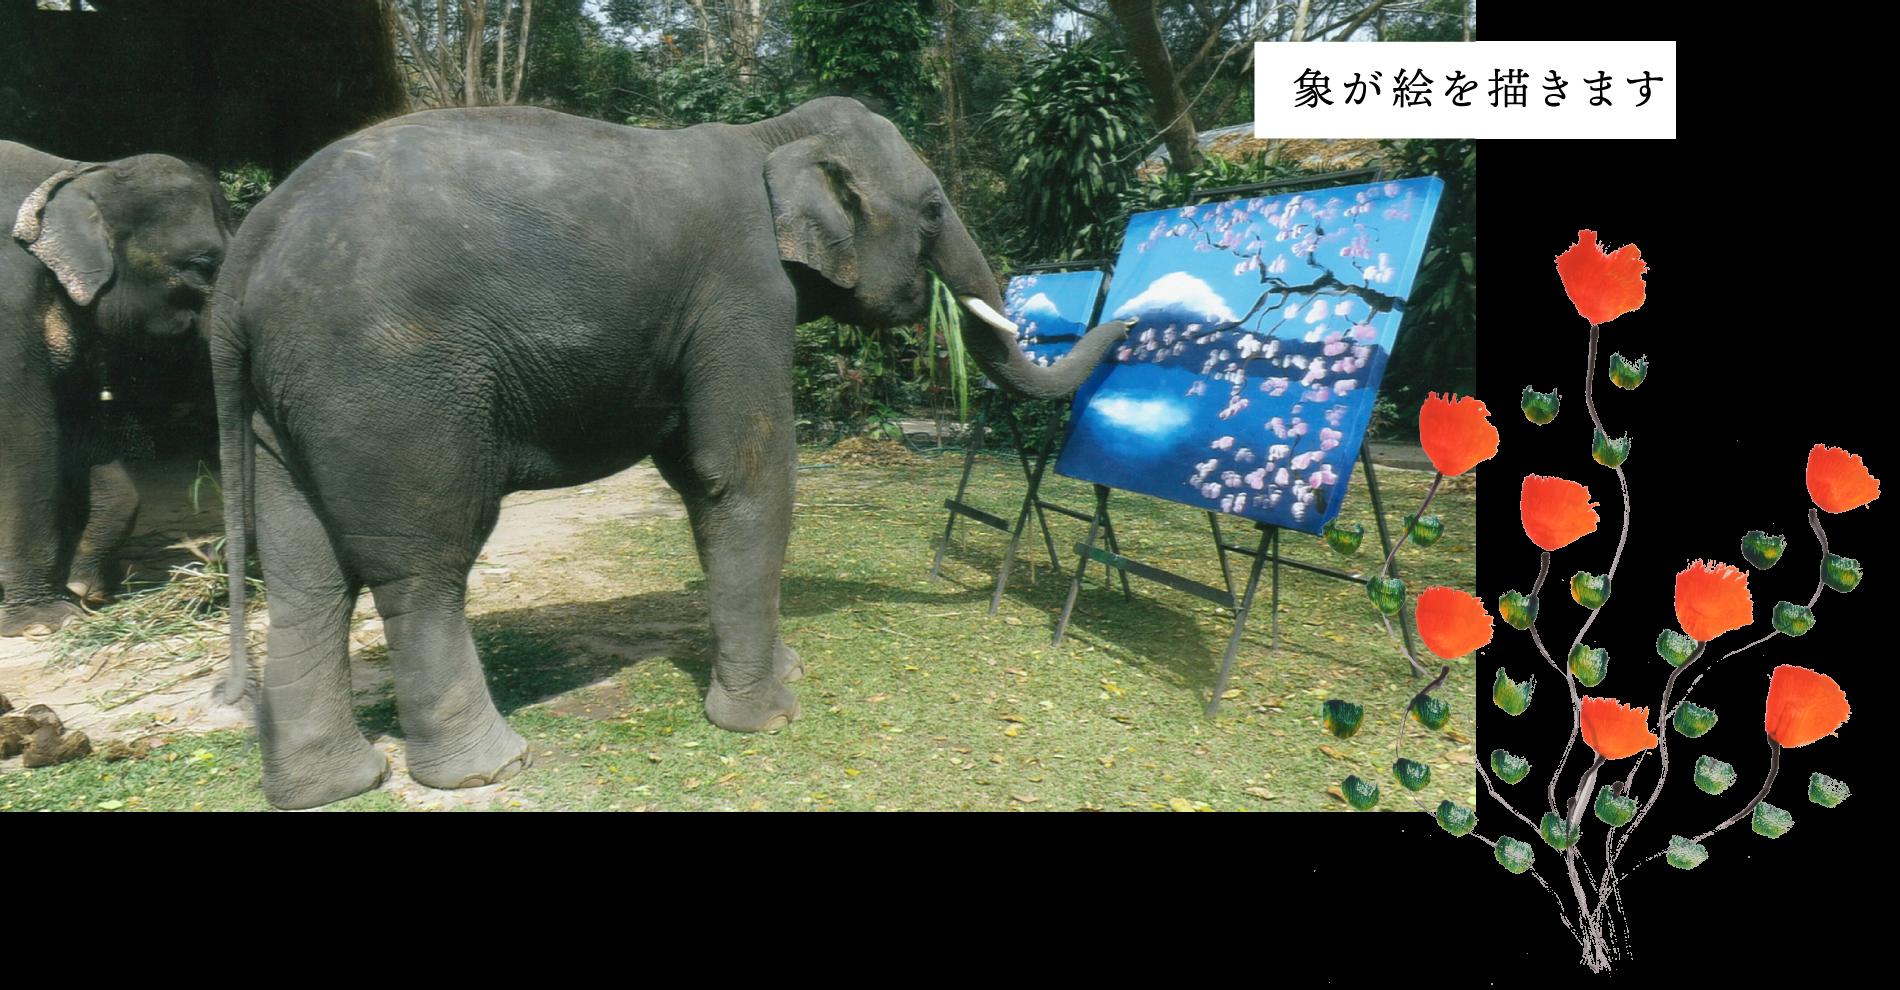 象が絵を描いている様子